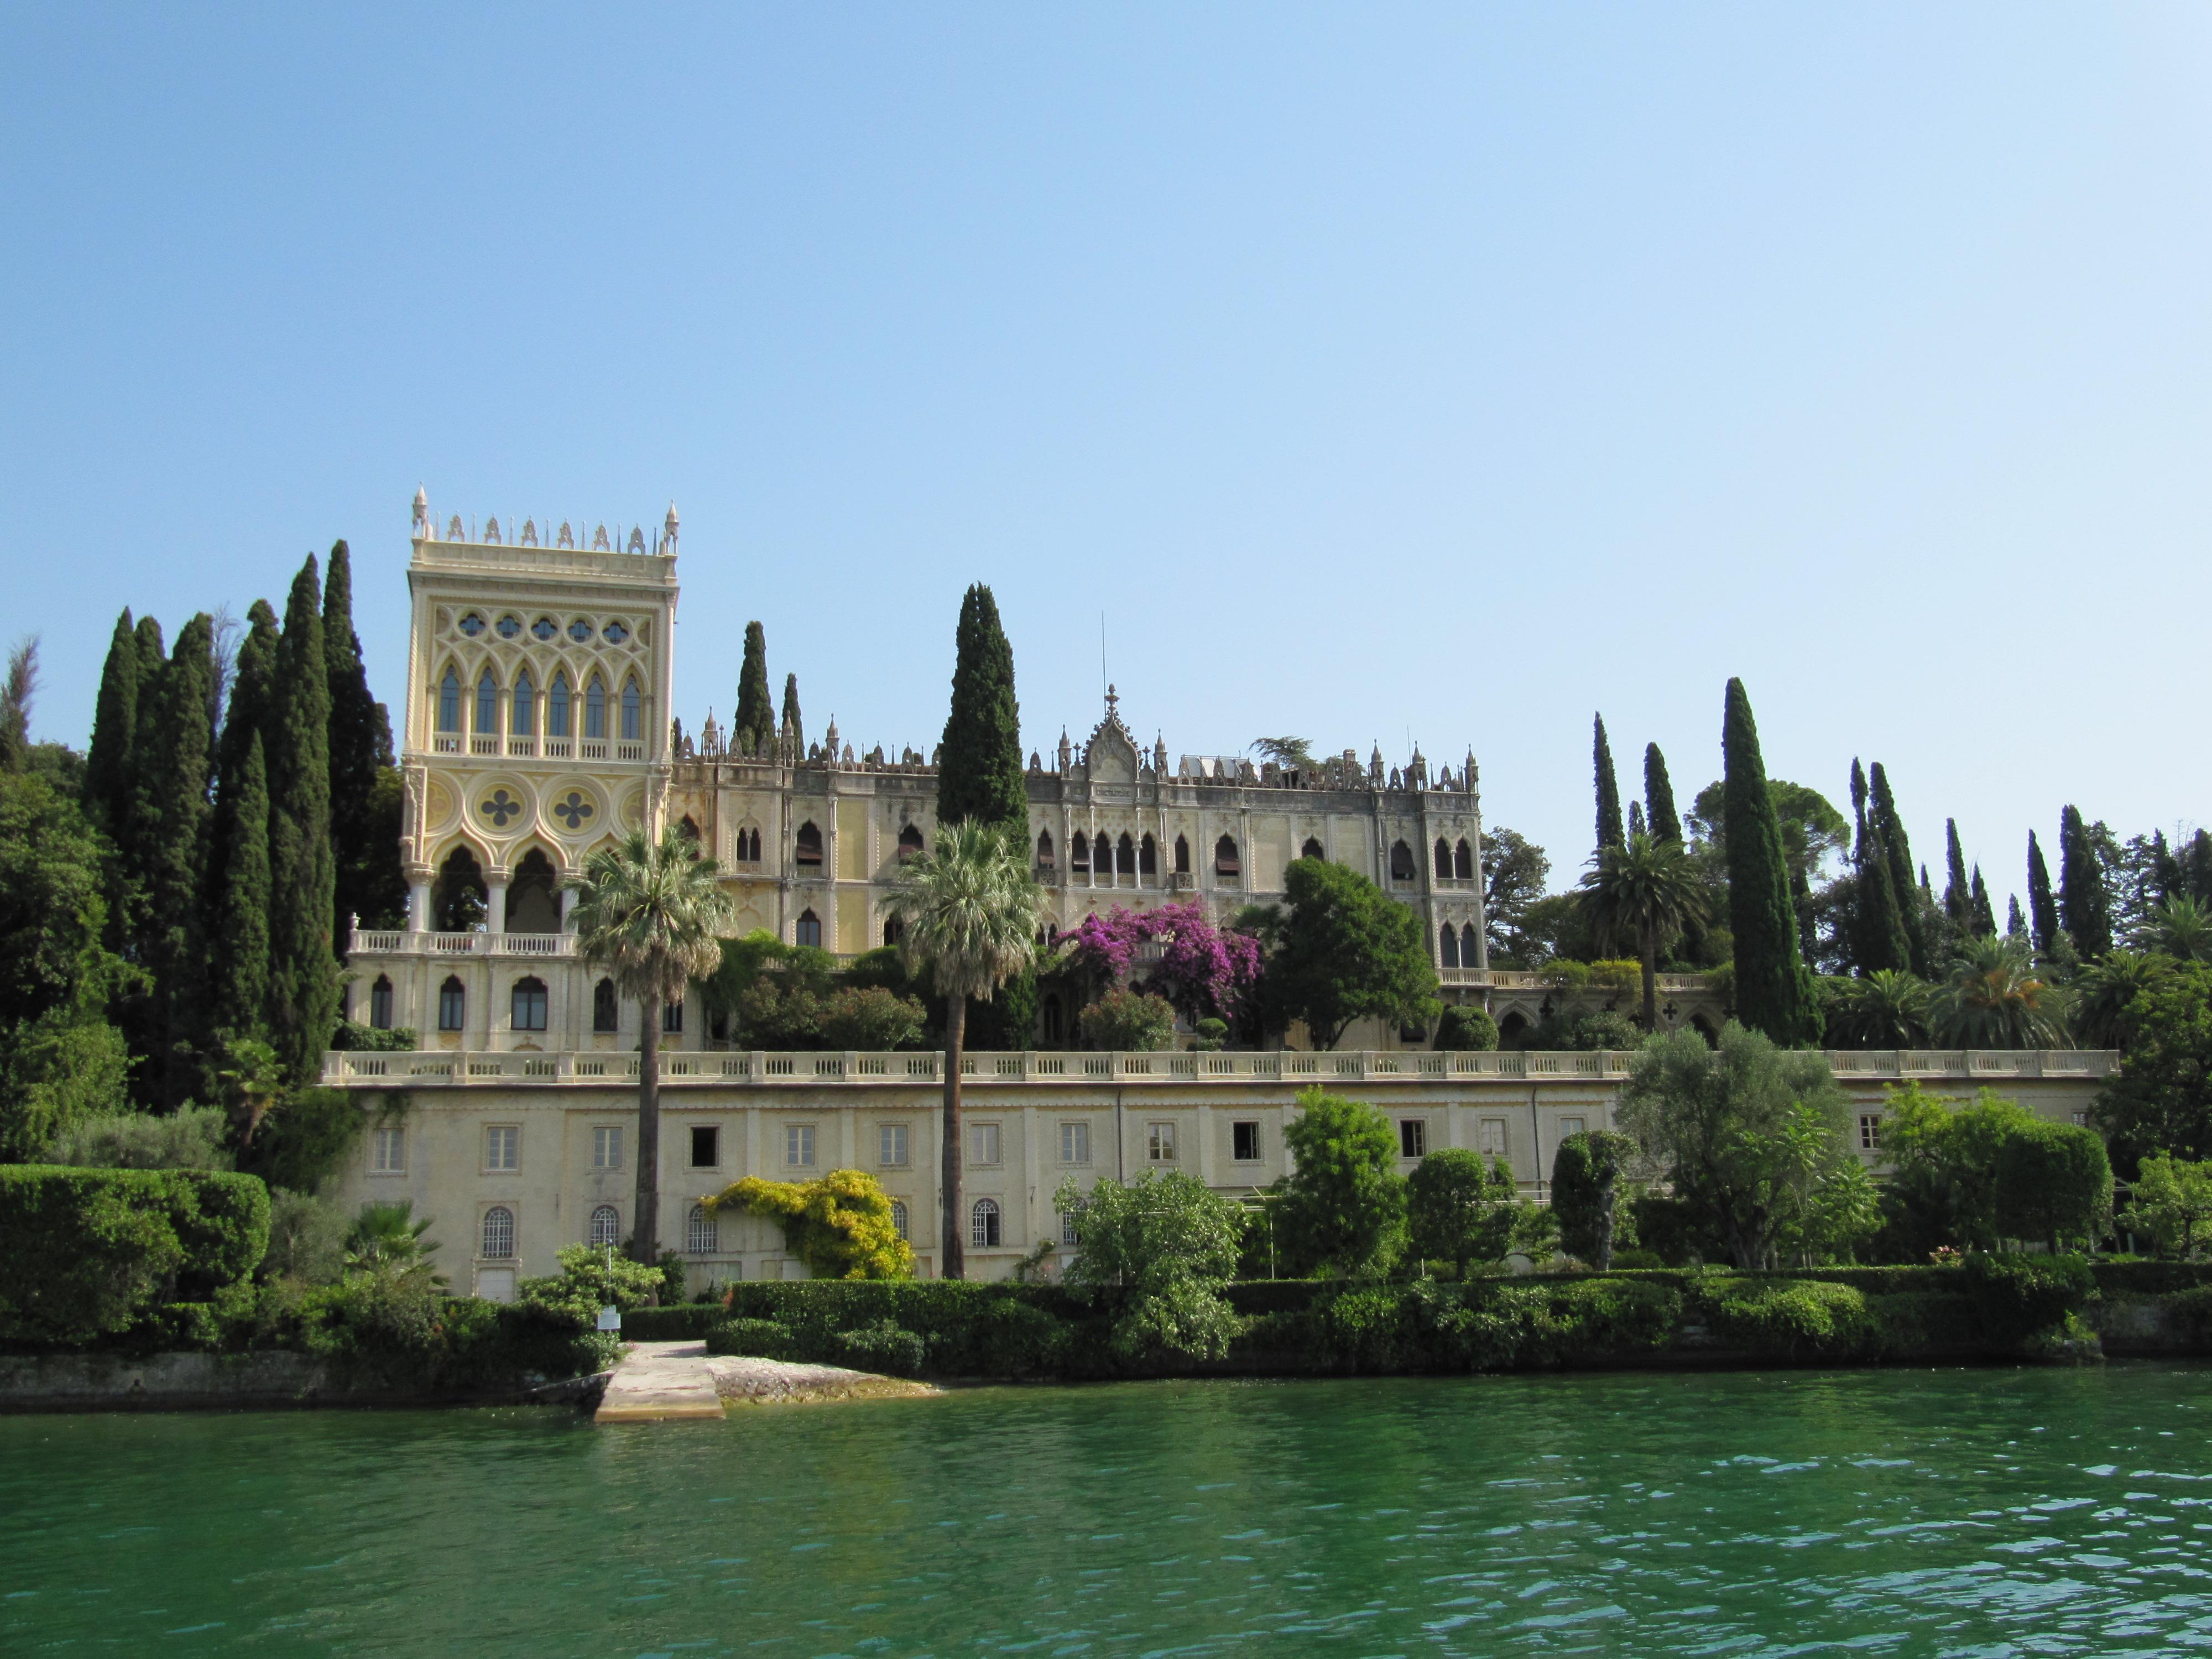 Een prachtige villa op het eiland Isola del Garda